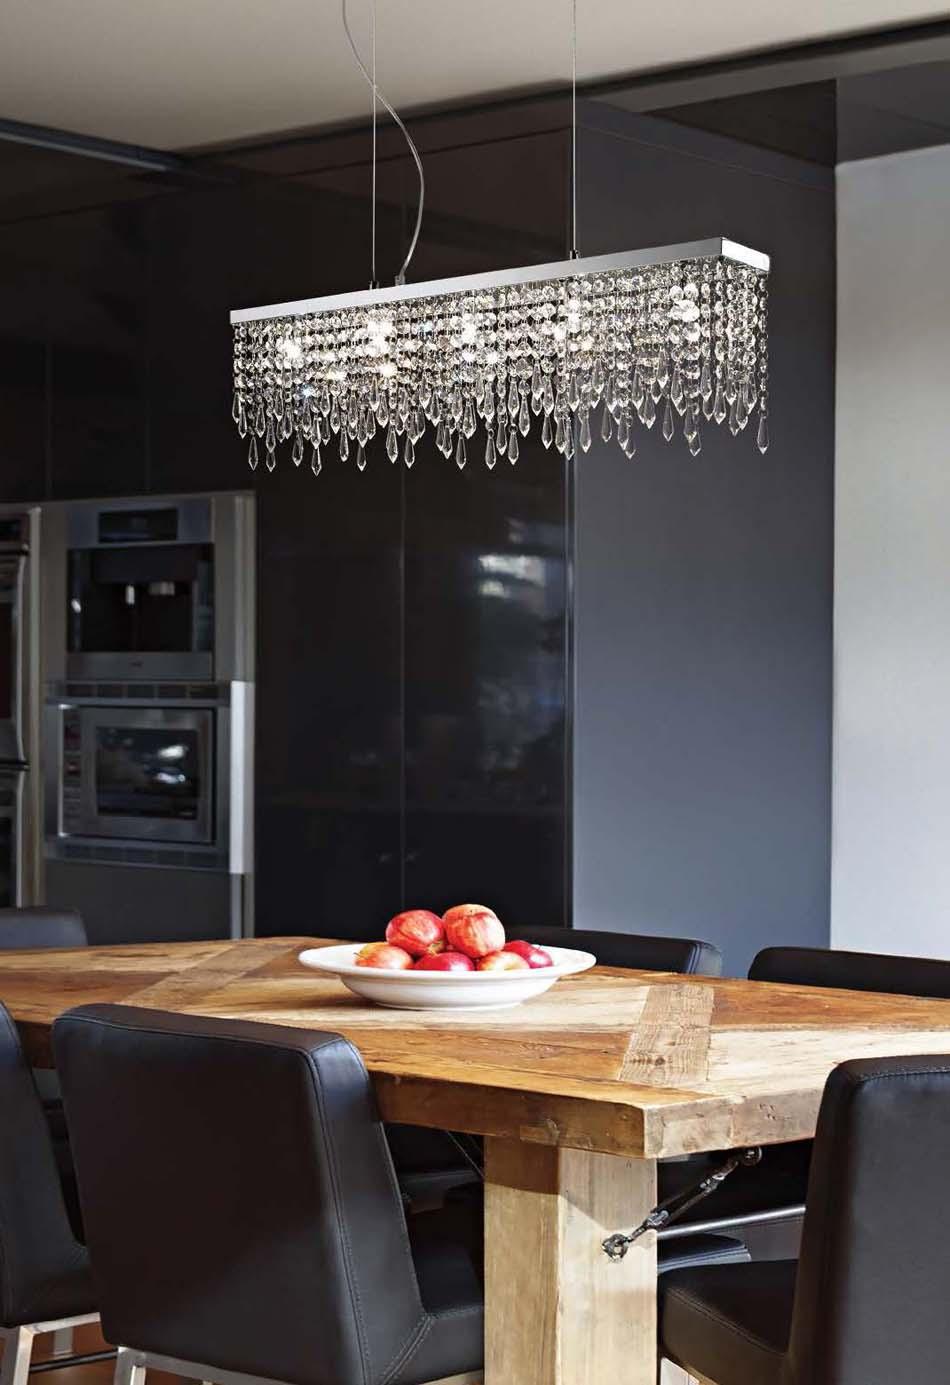 Lampade 21 sospensione Ideal Lux Giada Clear – Bruni Arredamenti